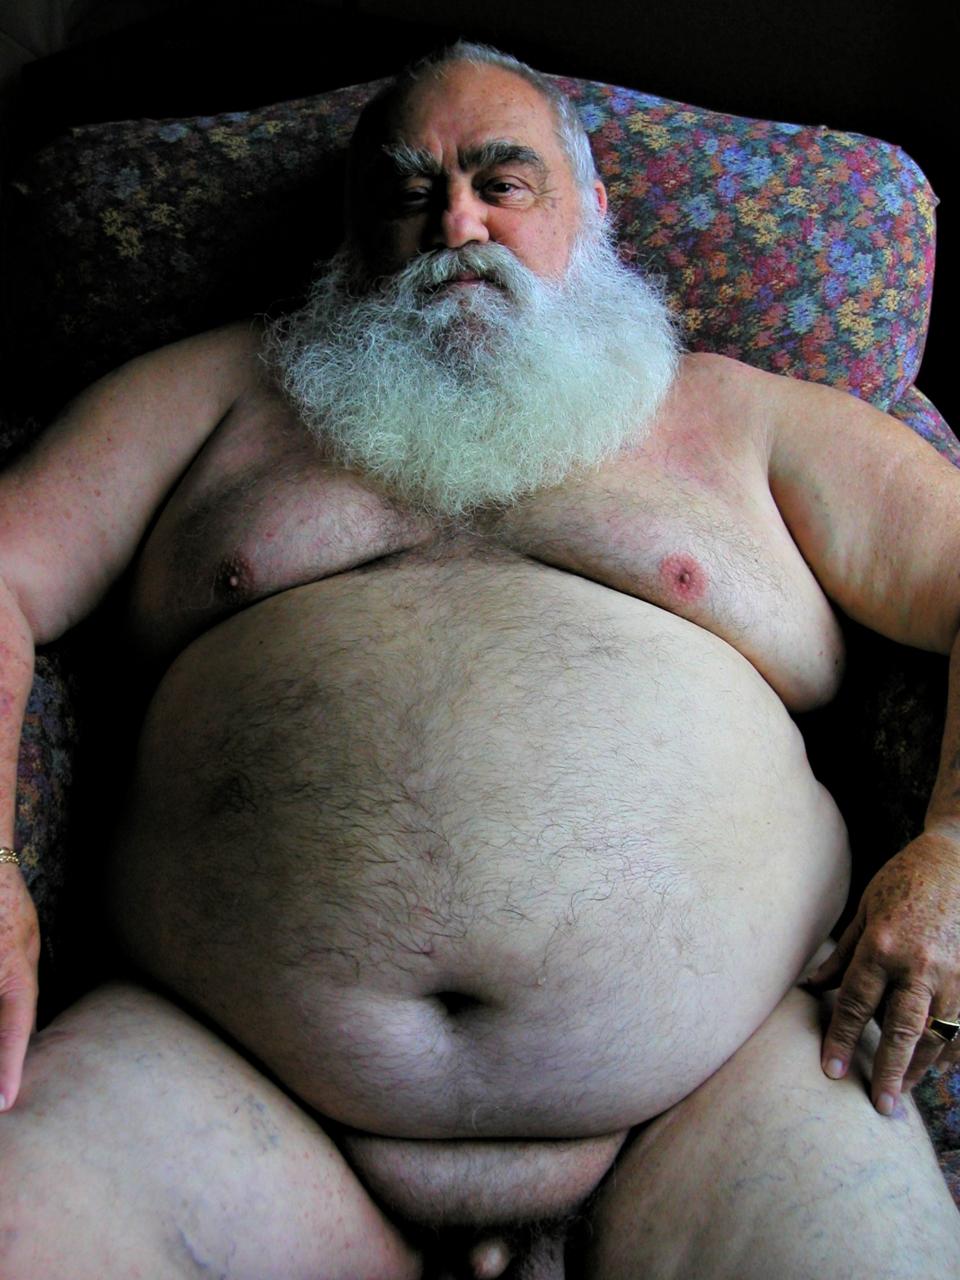 Fat Chubby Daddy Bear Gay Porn